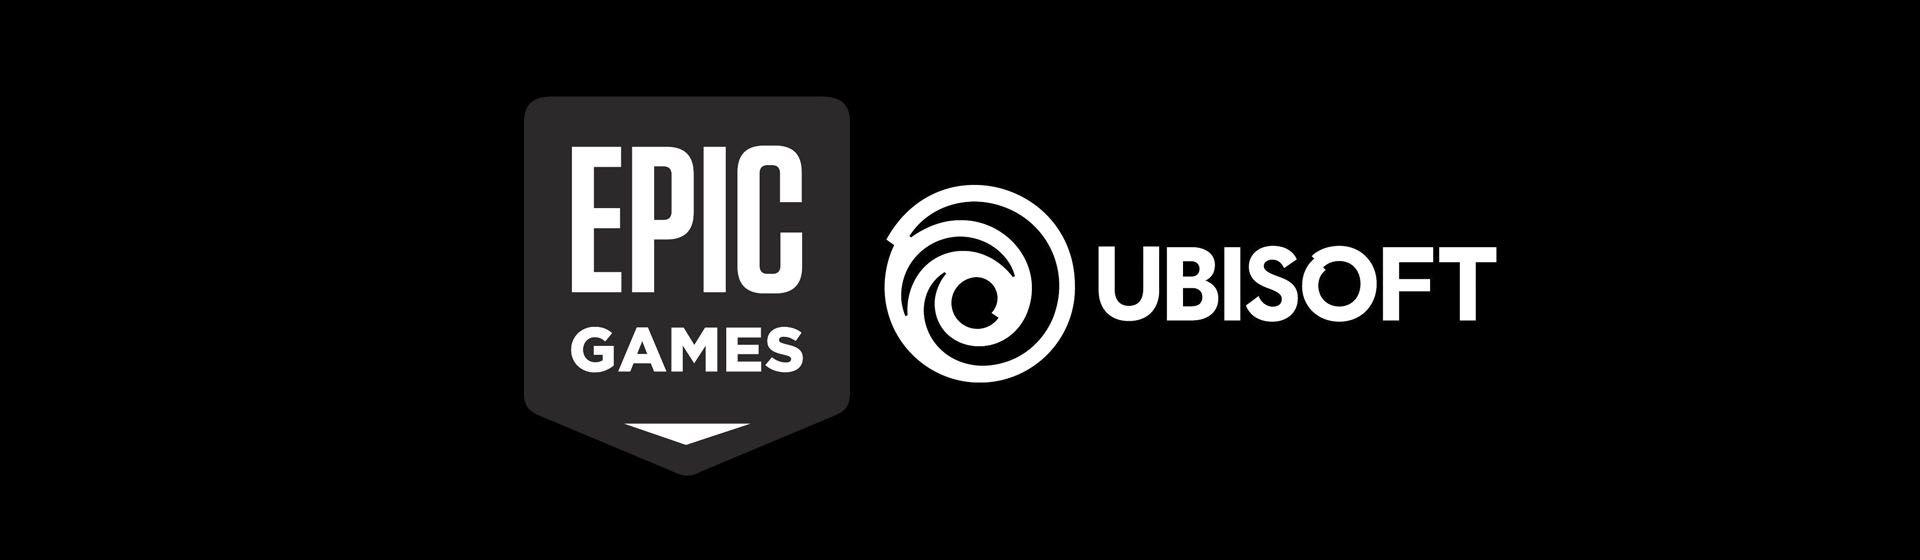 Epic Games e Ubisoft trazem jogos grátis em dezembro; veja como pegar